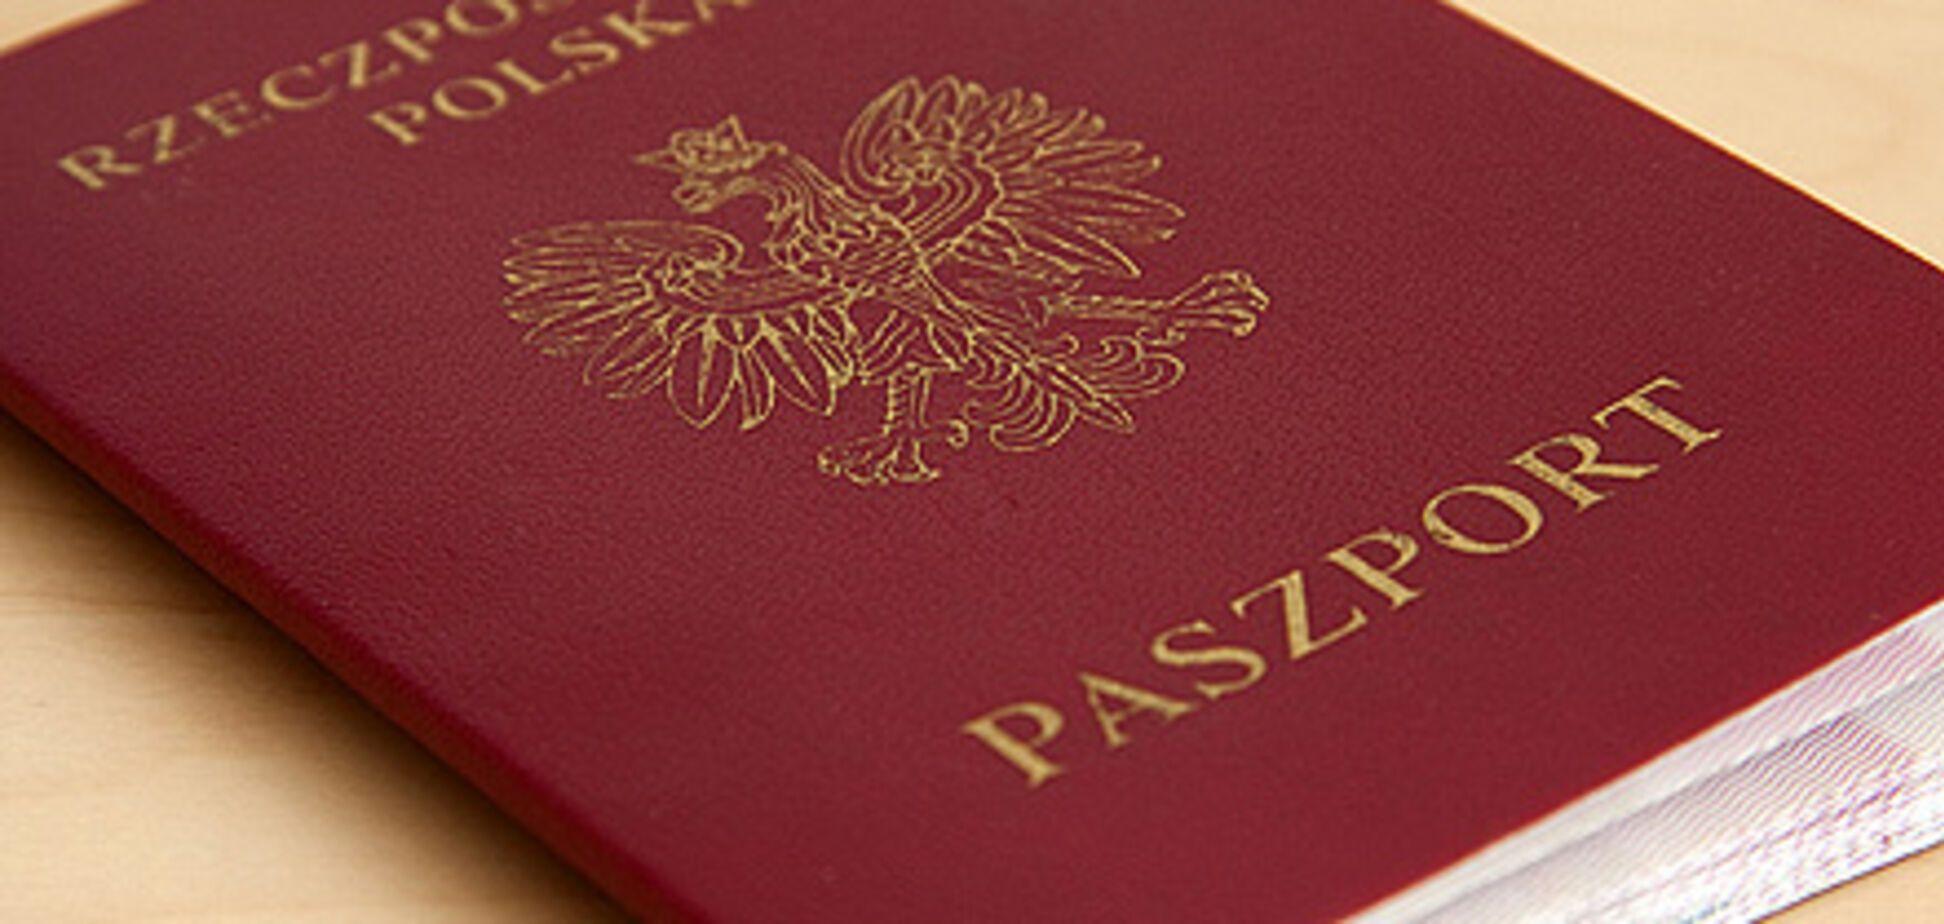 Польща опинилася у центрі міжнародного скандалу через нові паспорти